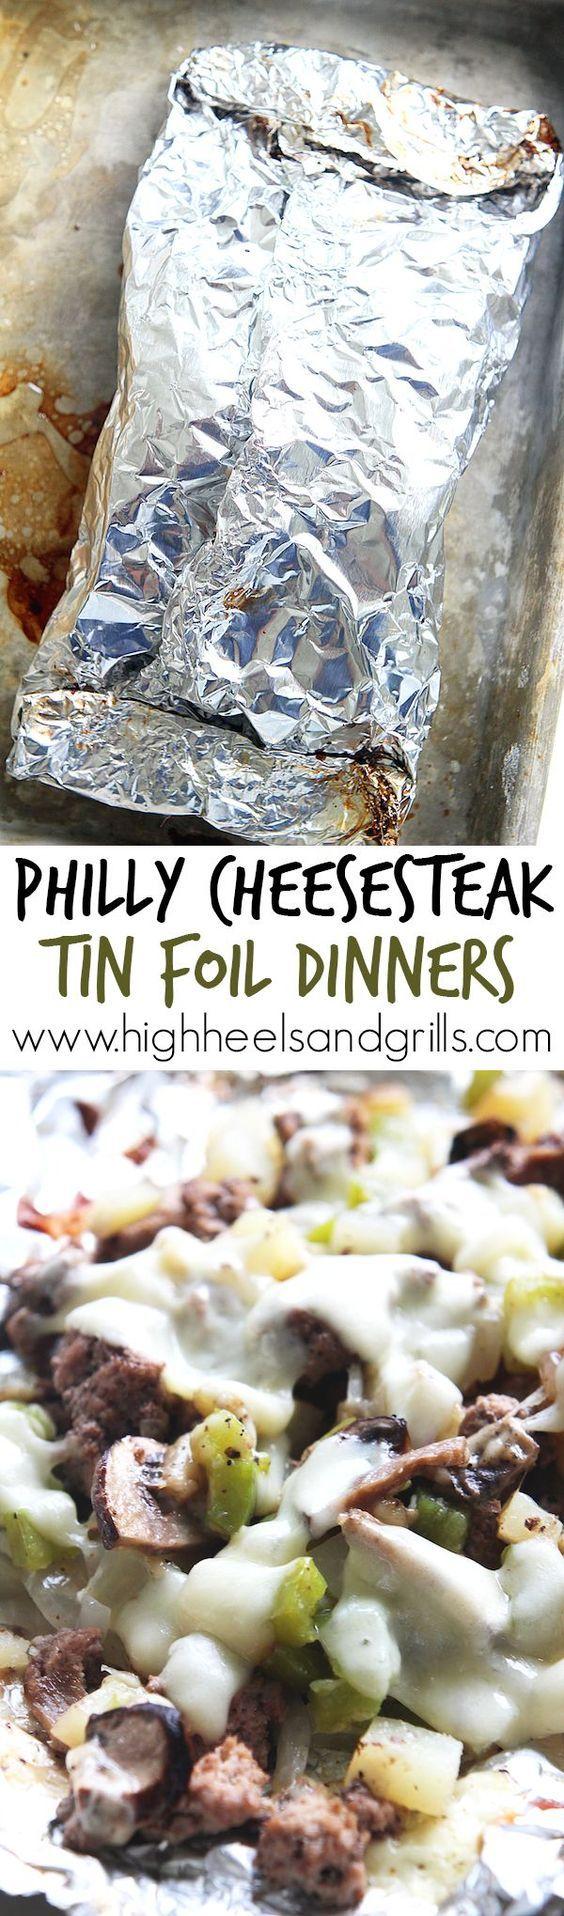 Philly Cheesesteak Foil Dinner